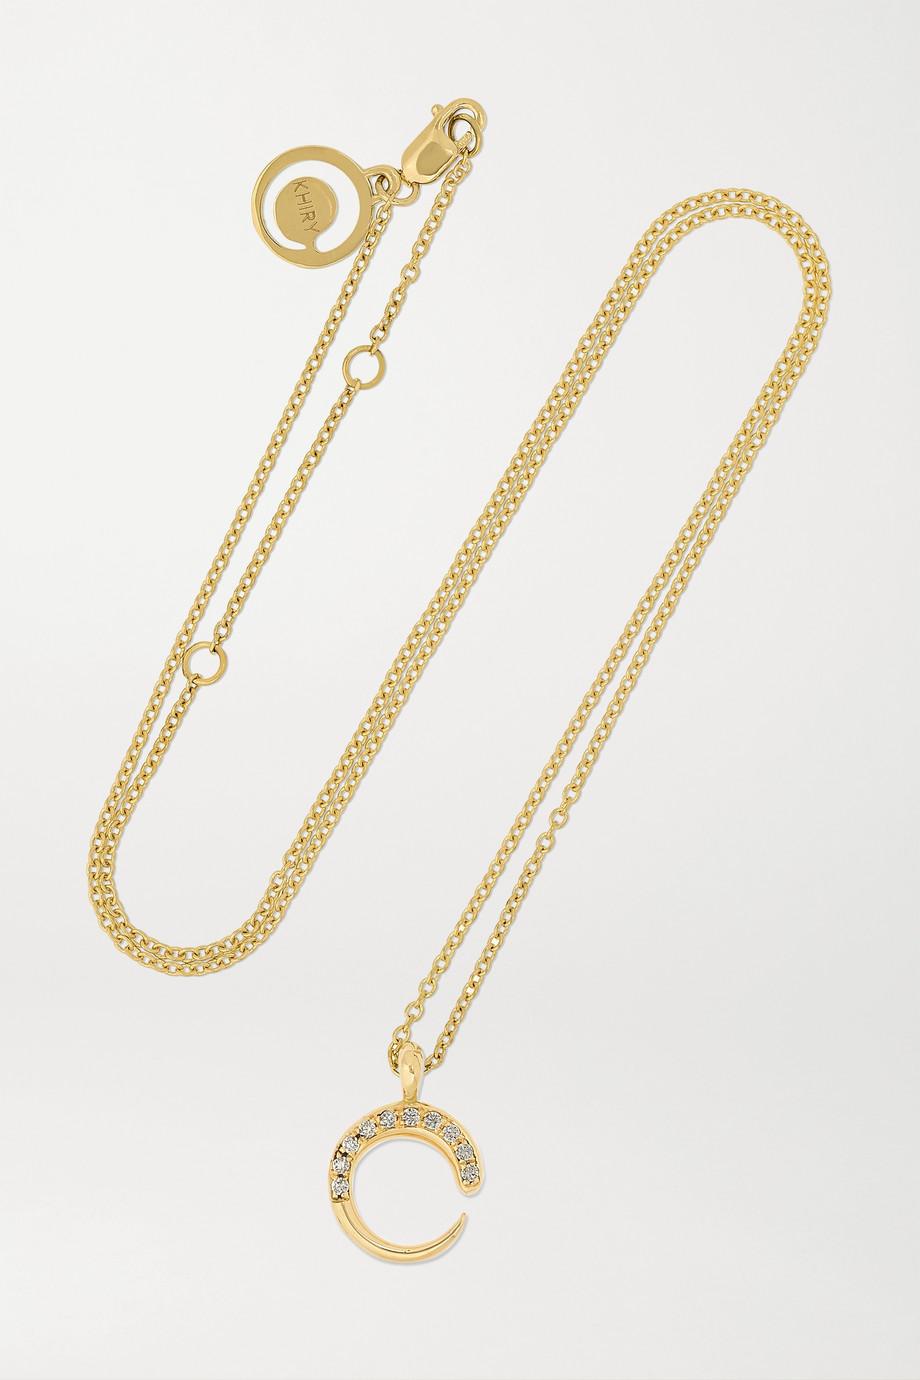 KHIRY Fine Mini Khartoum Kette aus 18 Karat Gold mit Diamanten